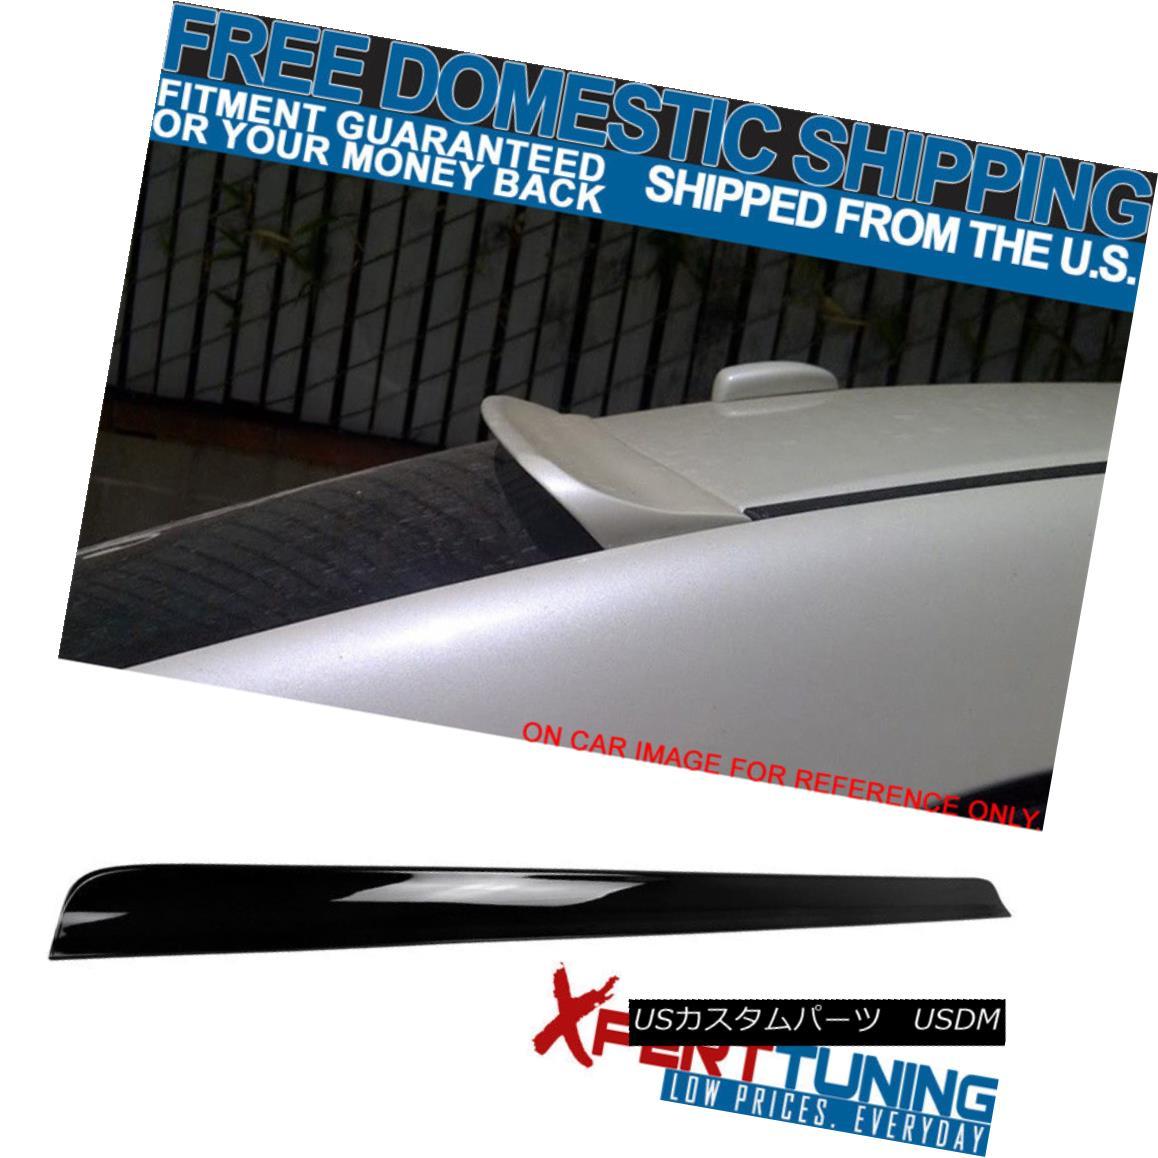 エアロパーツ 14-15 BMW F32 2Dr Rear Roof Spoiler Painted # 668 Jet Black 14-15 BMW F32 2Drリアルーフスポイラー塗装#668ジェットブラック